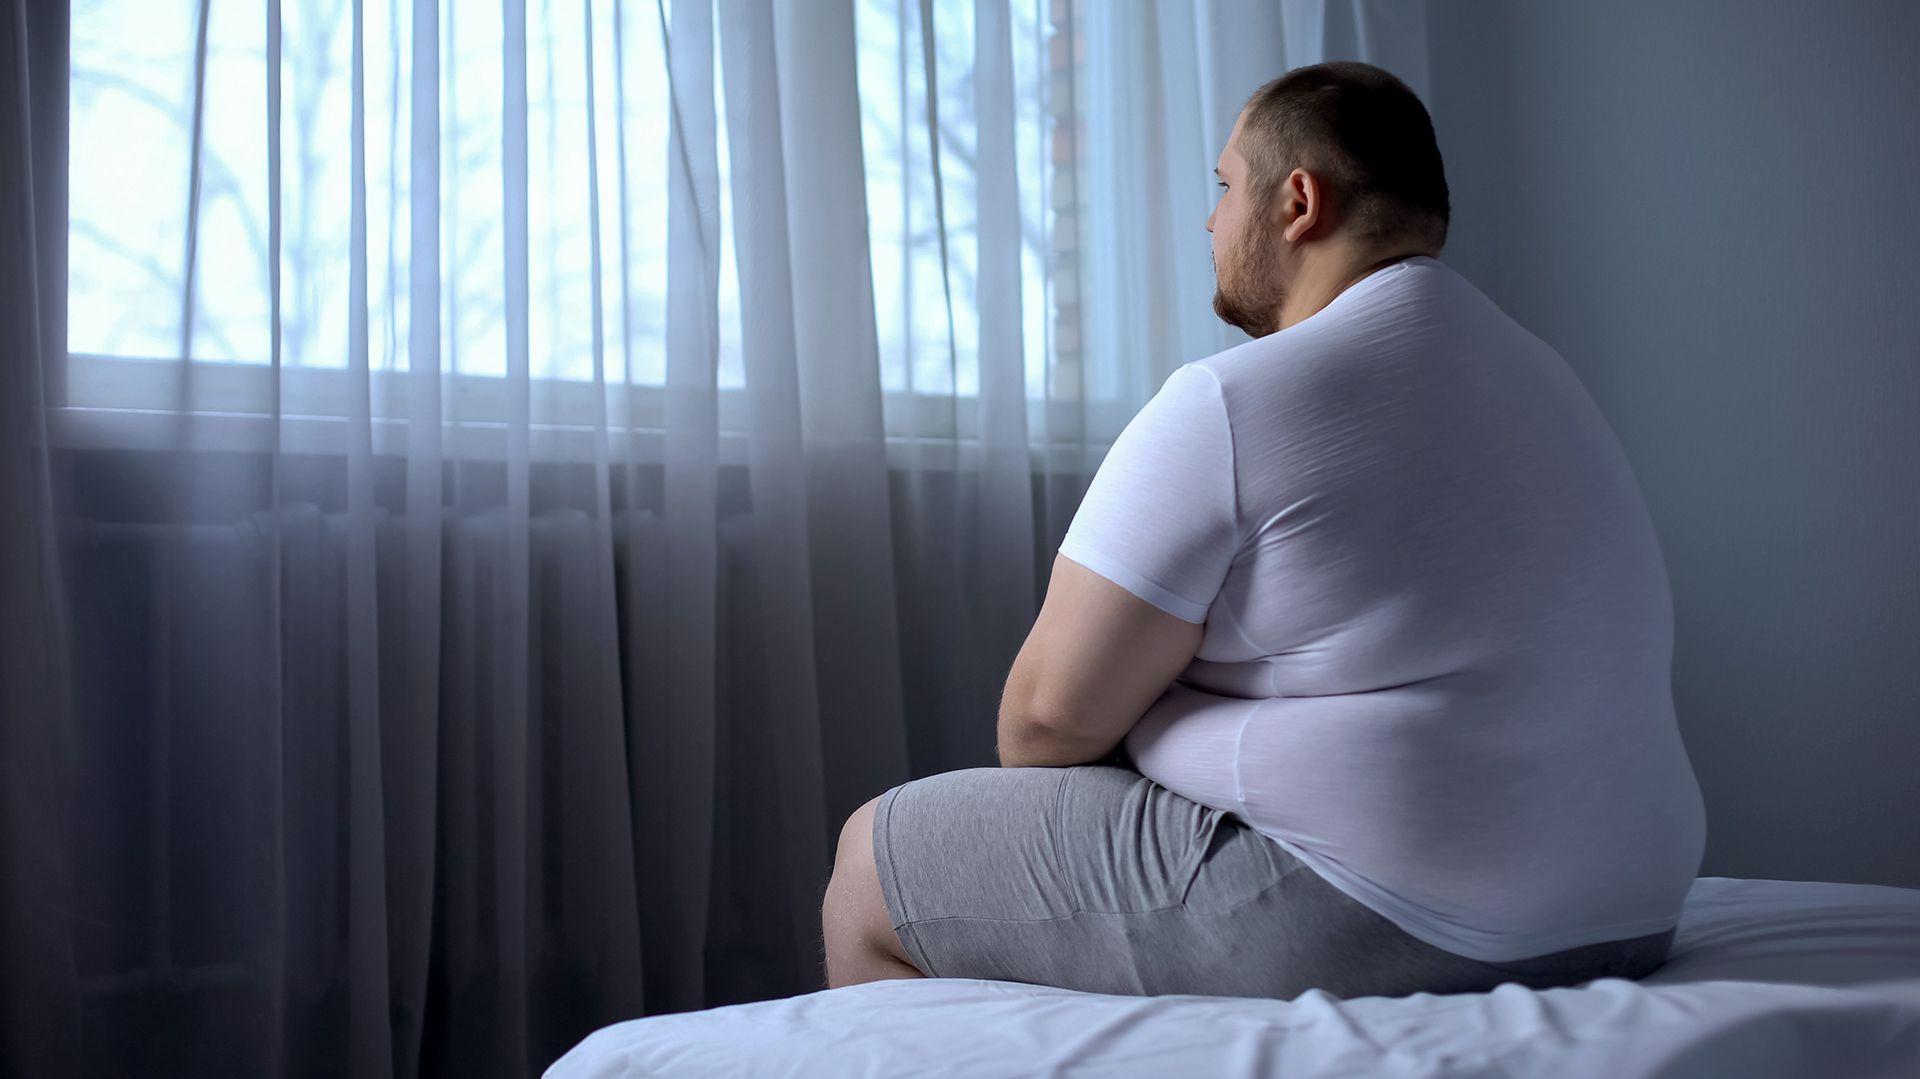 Obesidad coronavirus 1920x1080